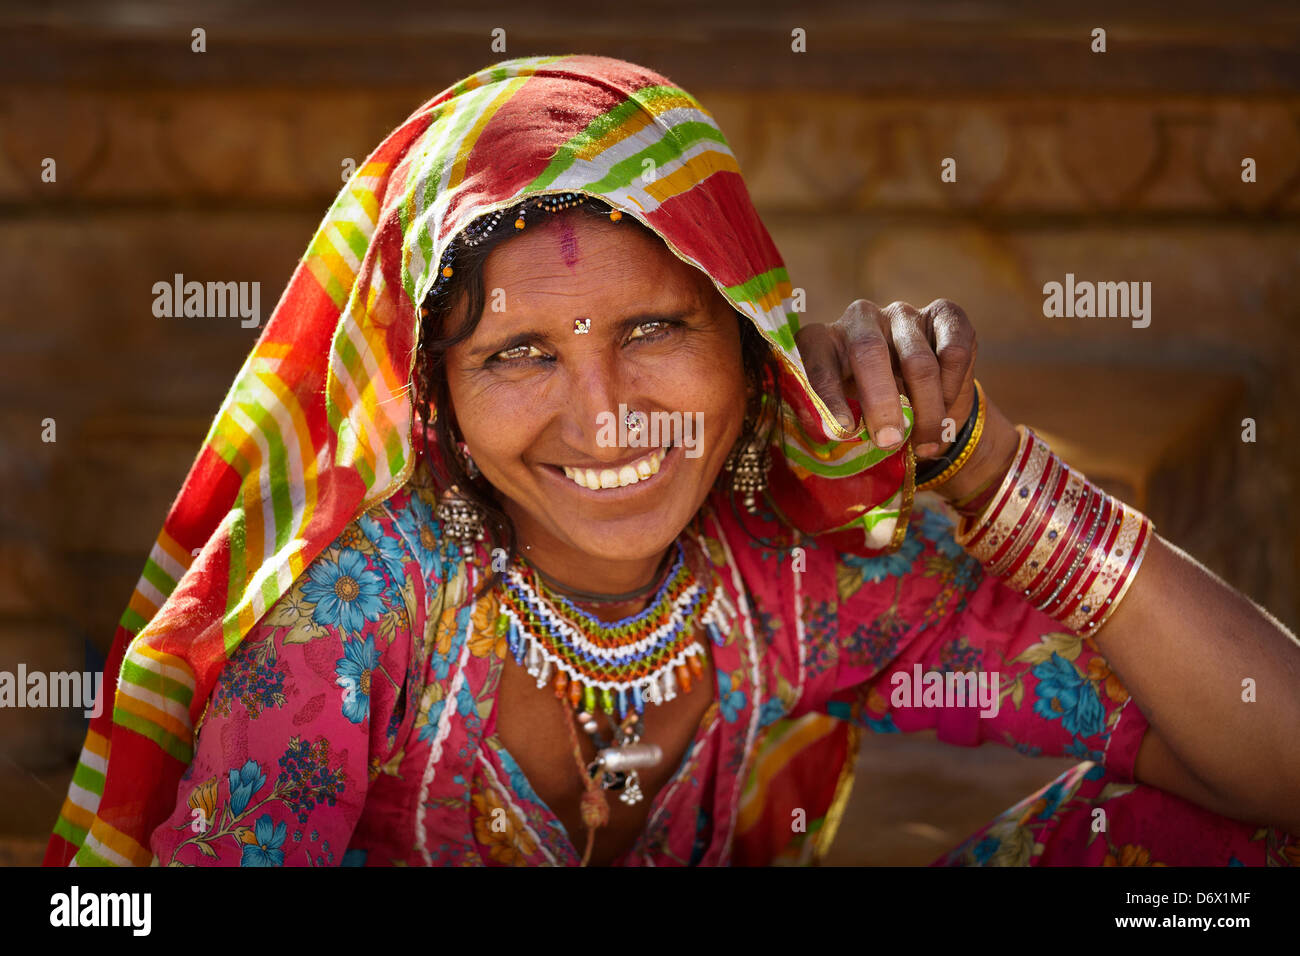 Retrato de mulher, Índia Jaisalmer sorridentes, em Rajasthan, Índia Imagens de Stock